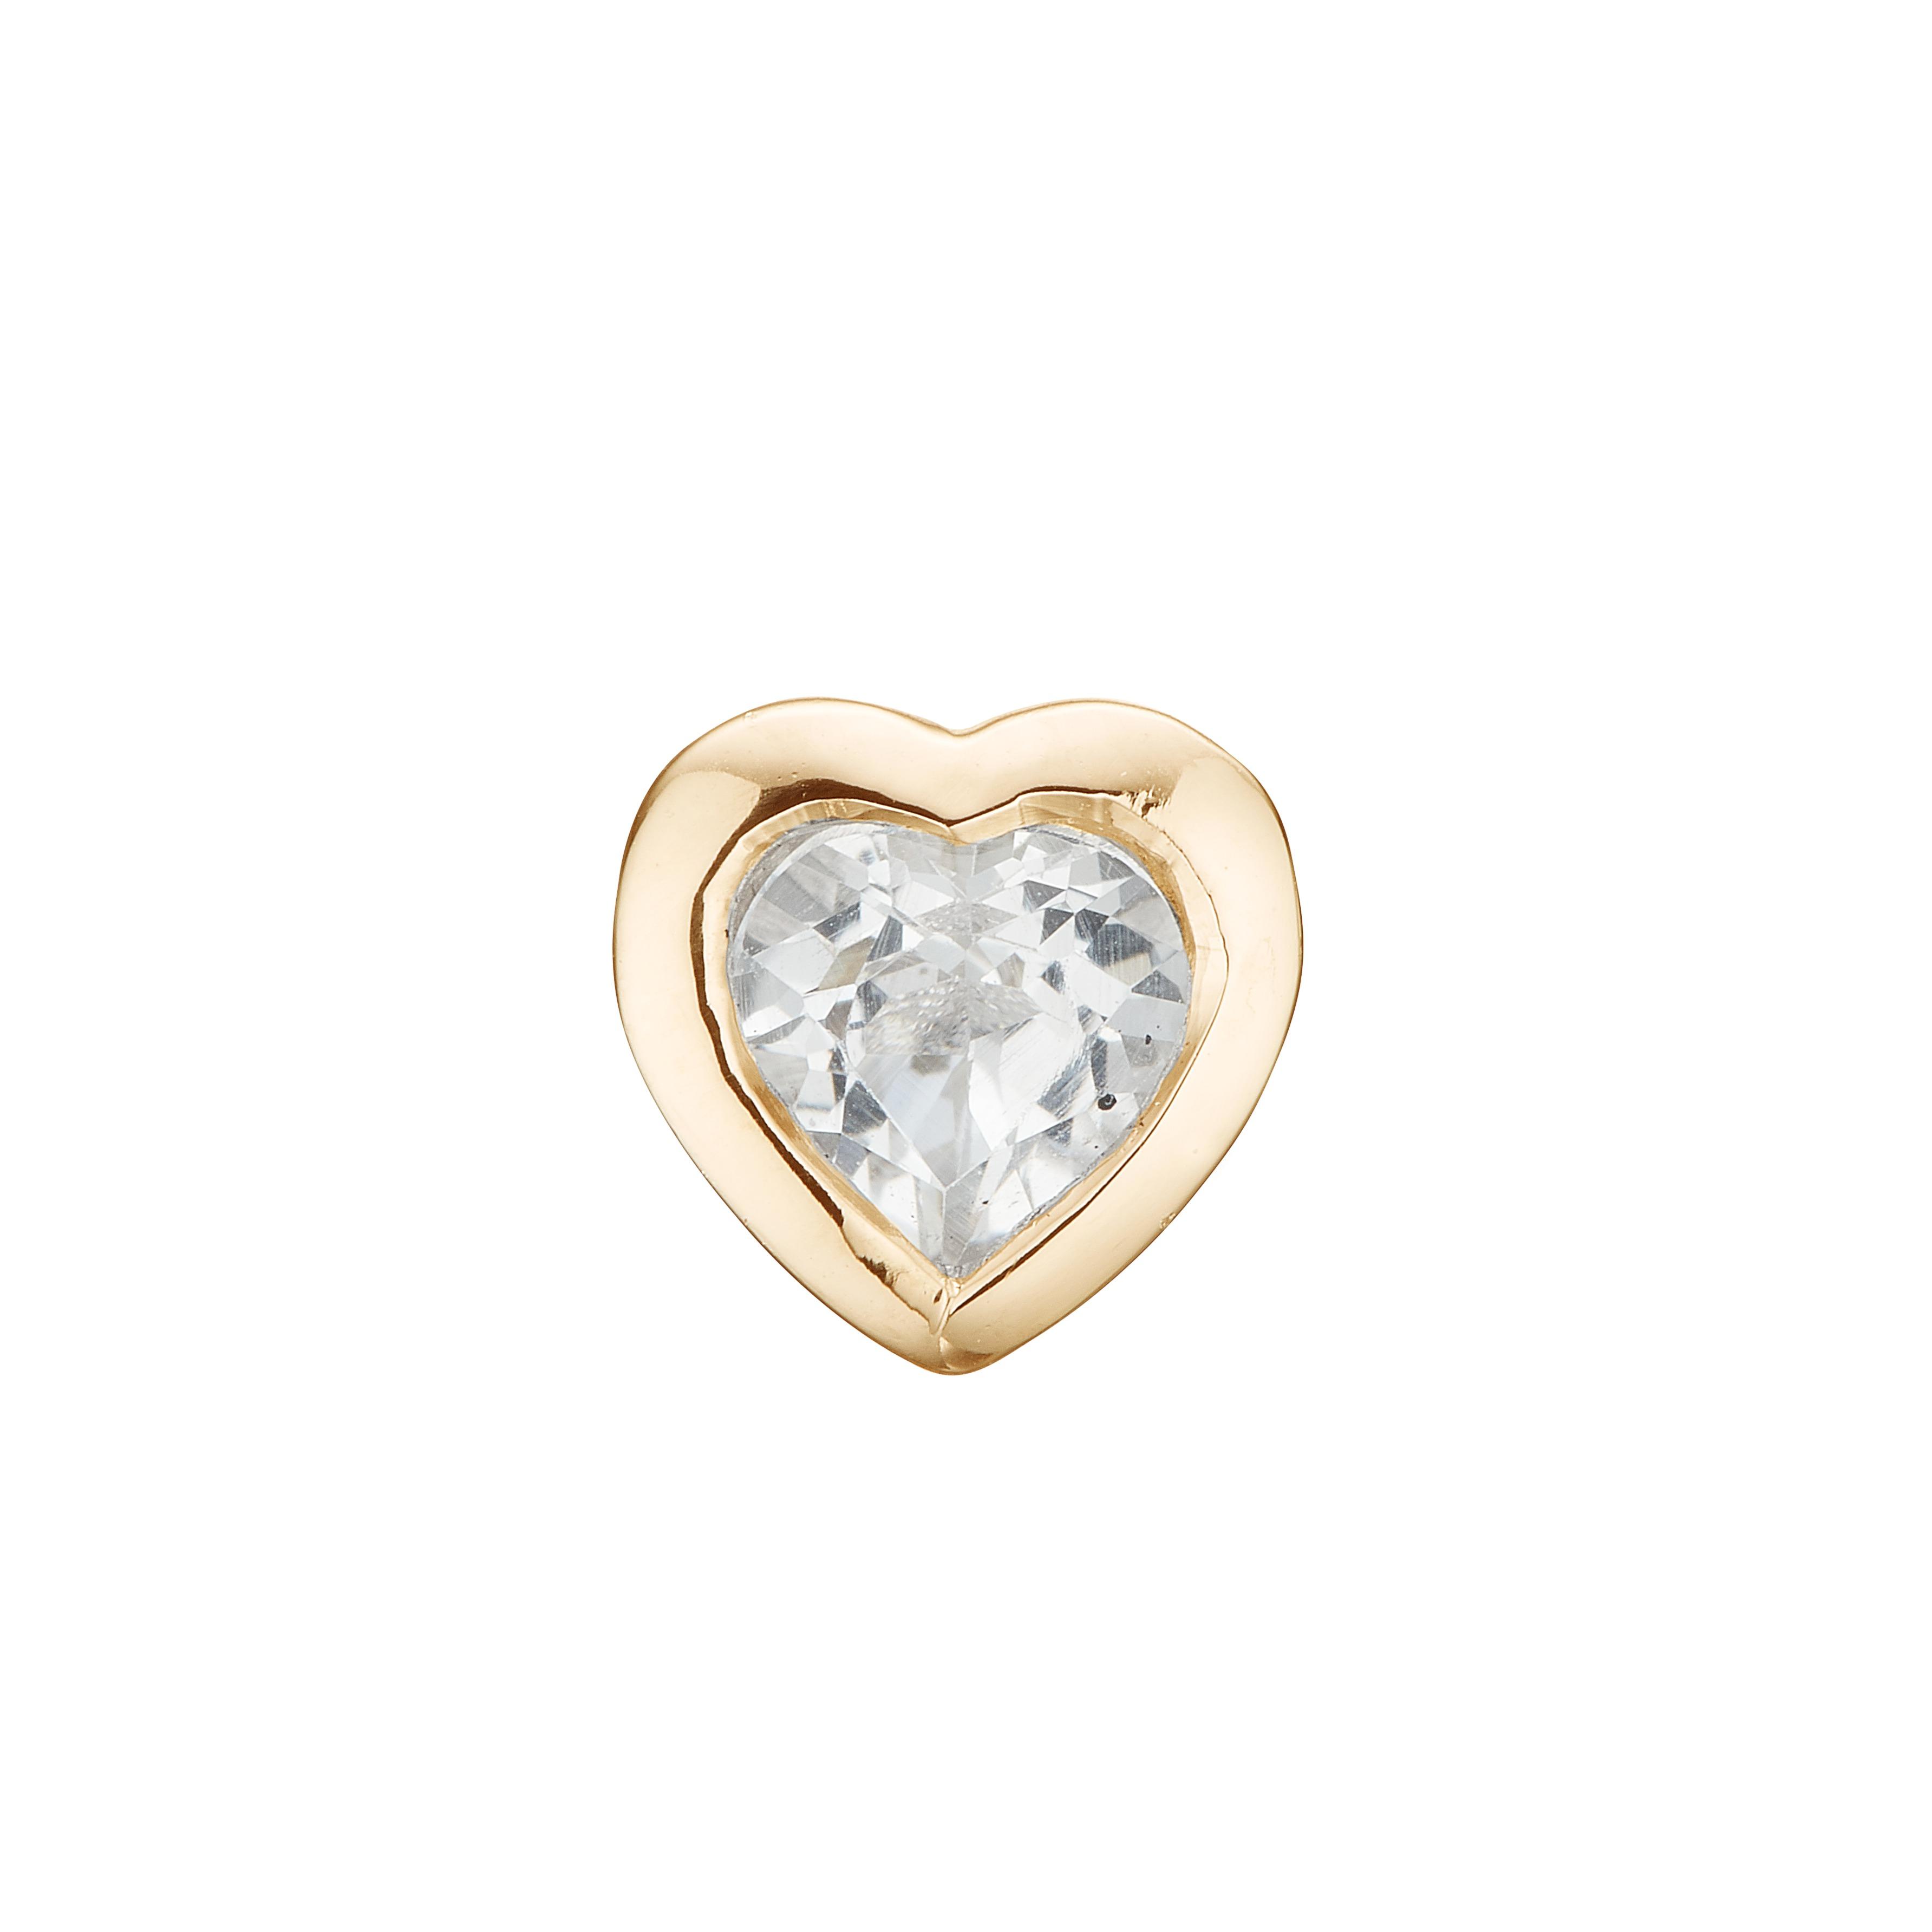 CHRISTINA Topaz Hearts - 671-G16